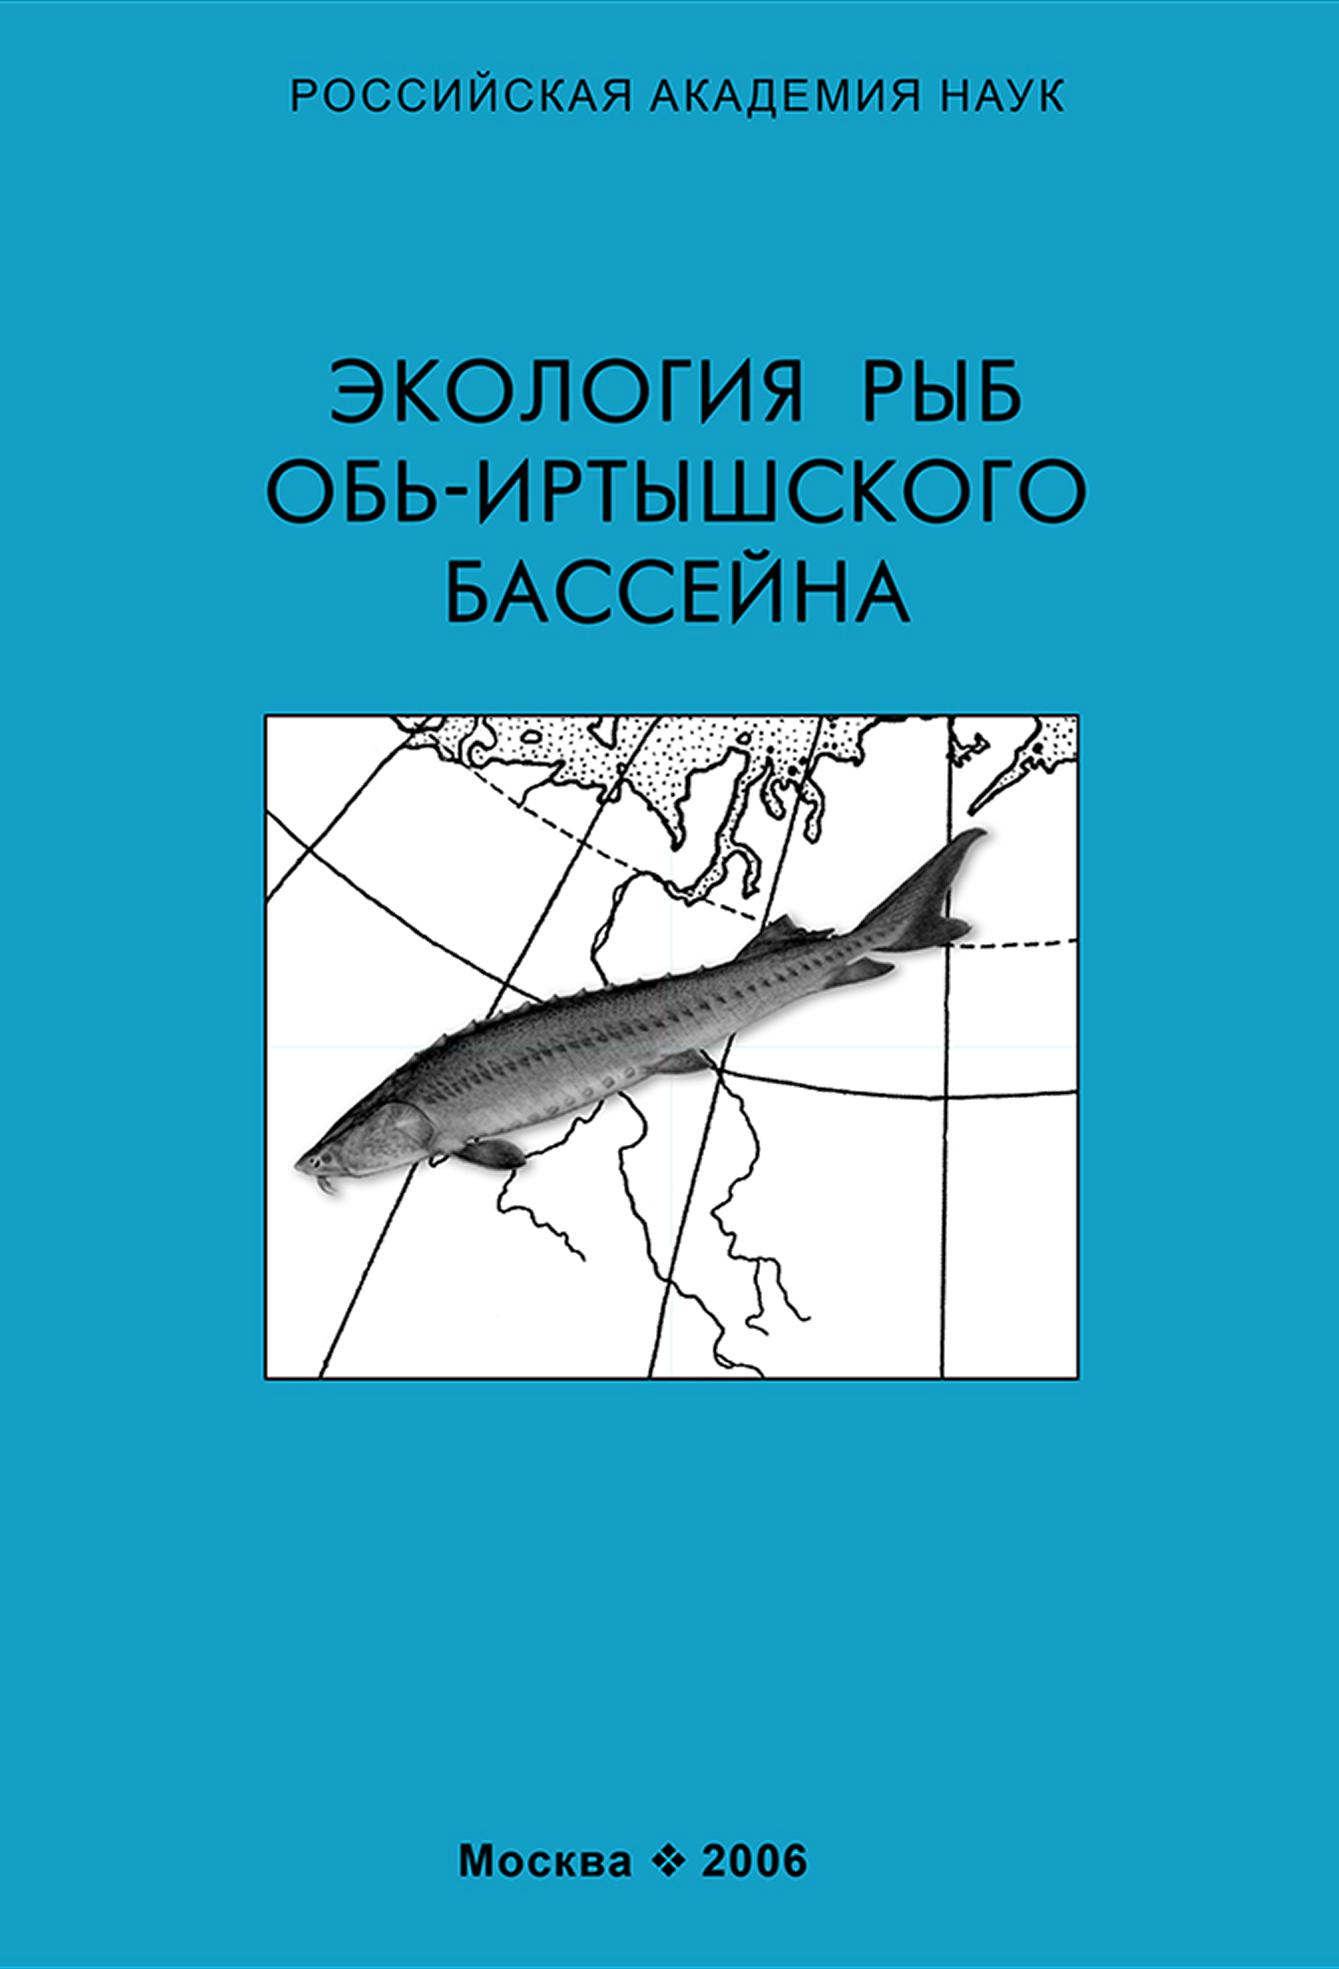 Экология рыб Обь-Иртышского бассейна